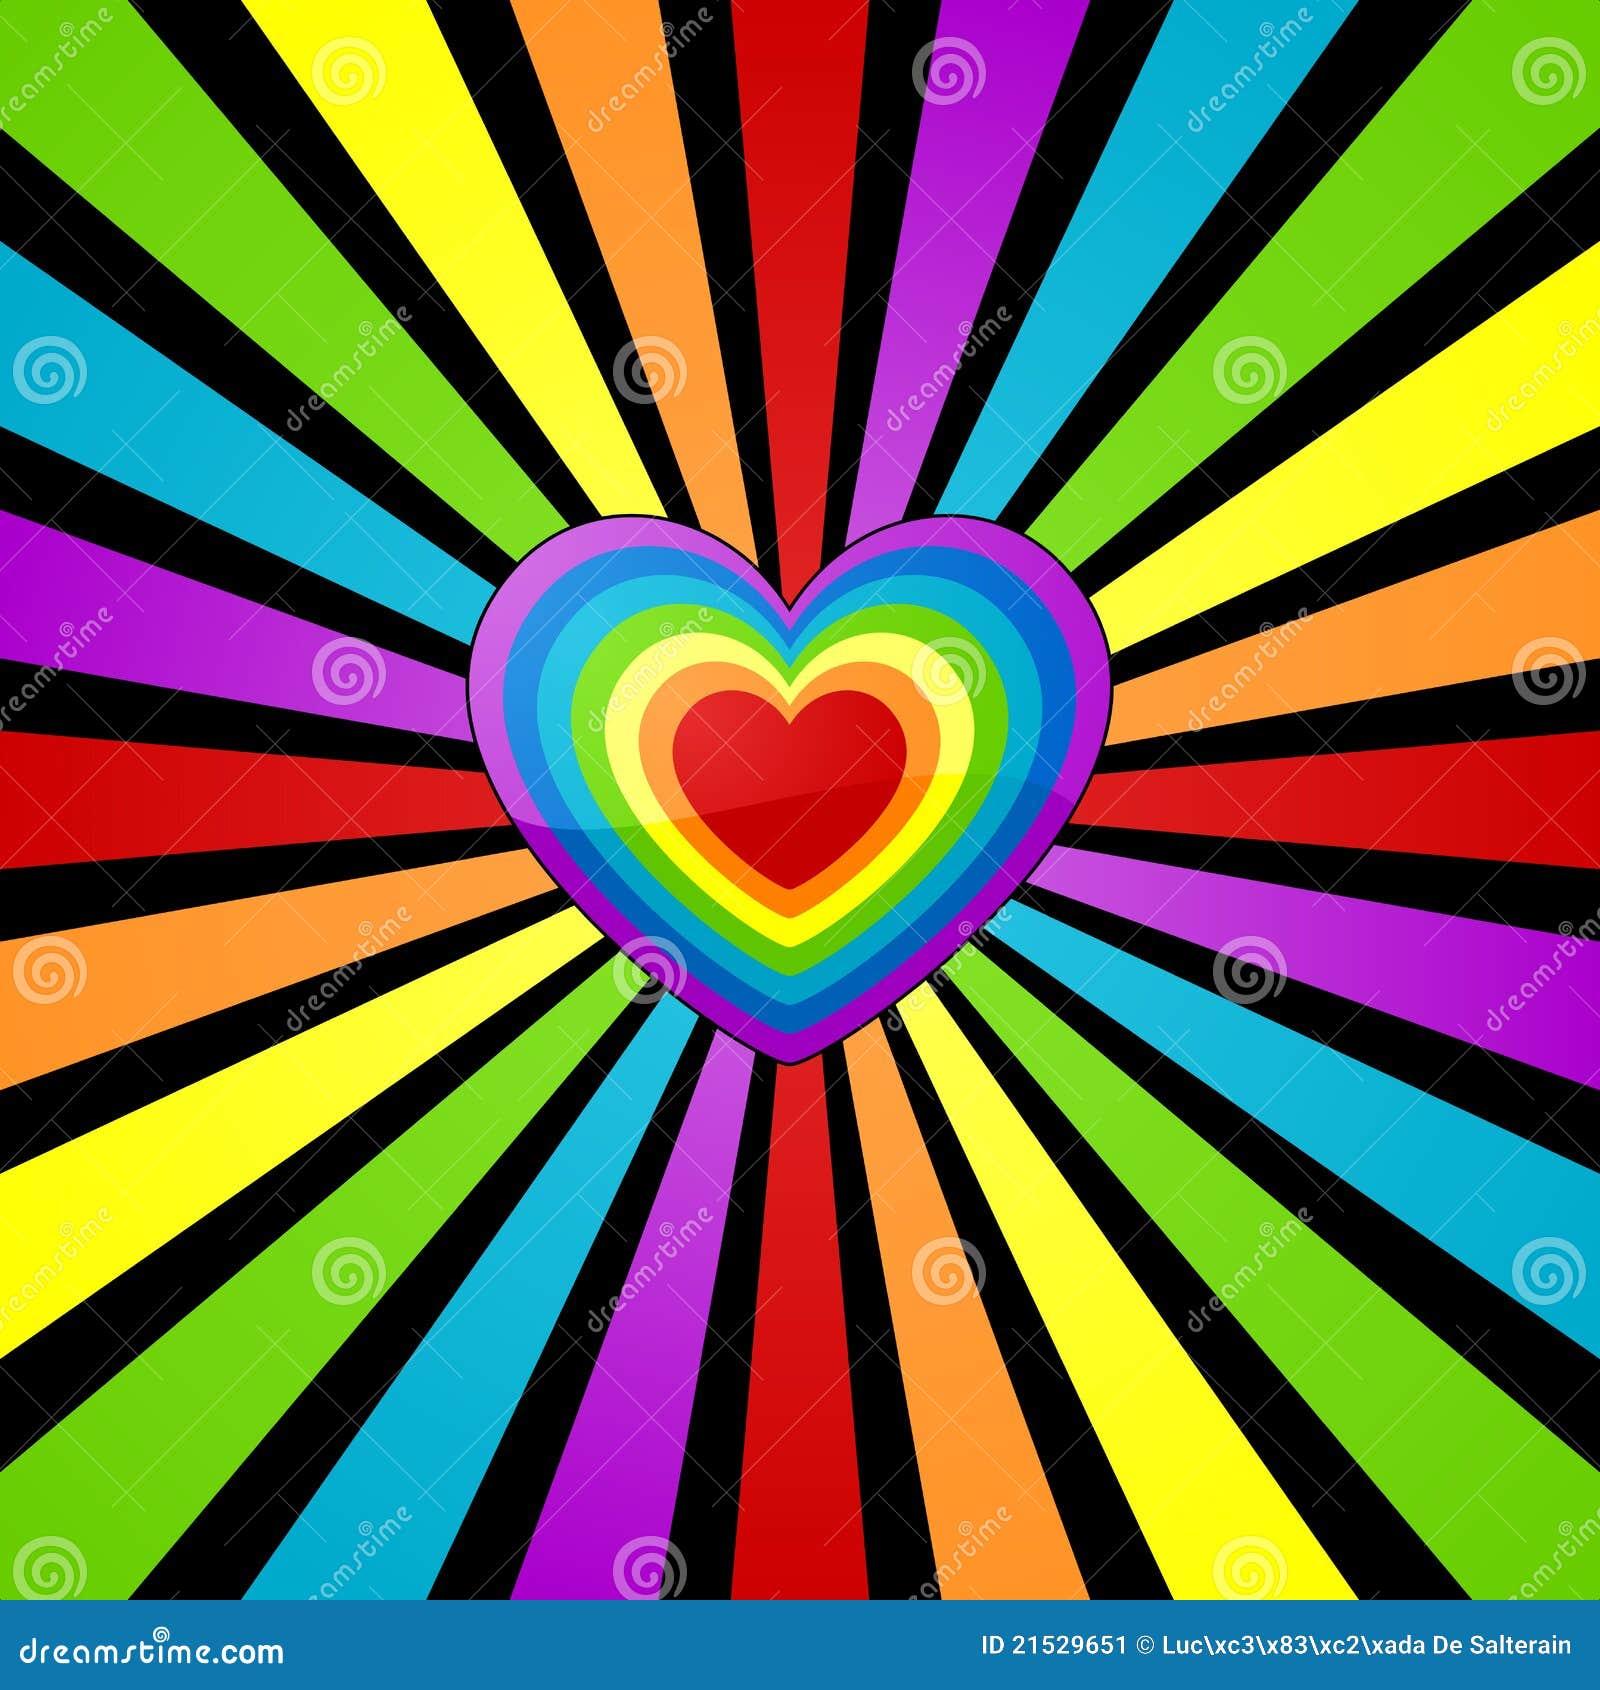 Fond de coeur d 39 arc en ciel illustration de vecteur - Image arc en ciel gratuite ...